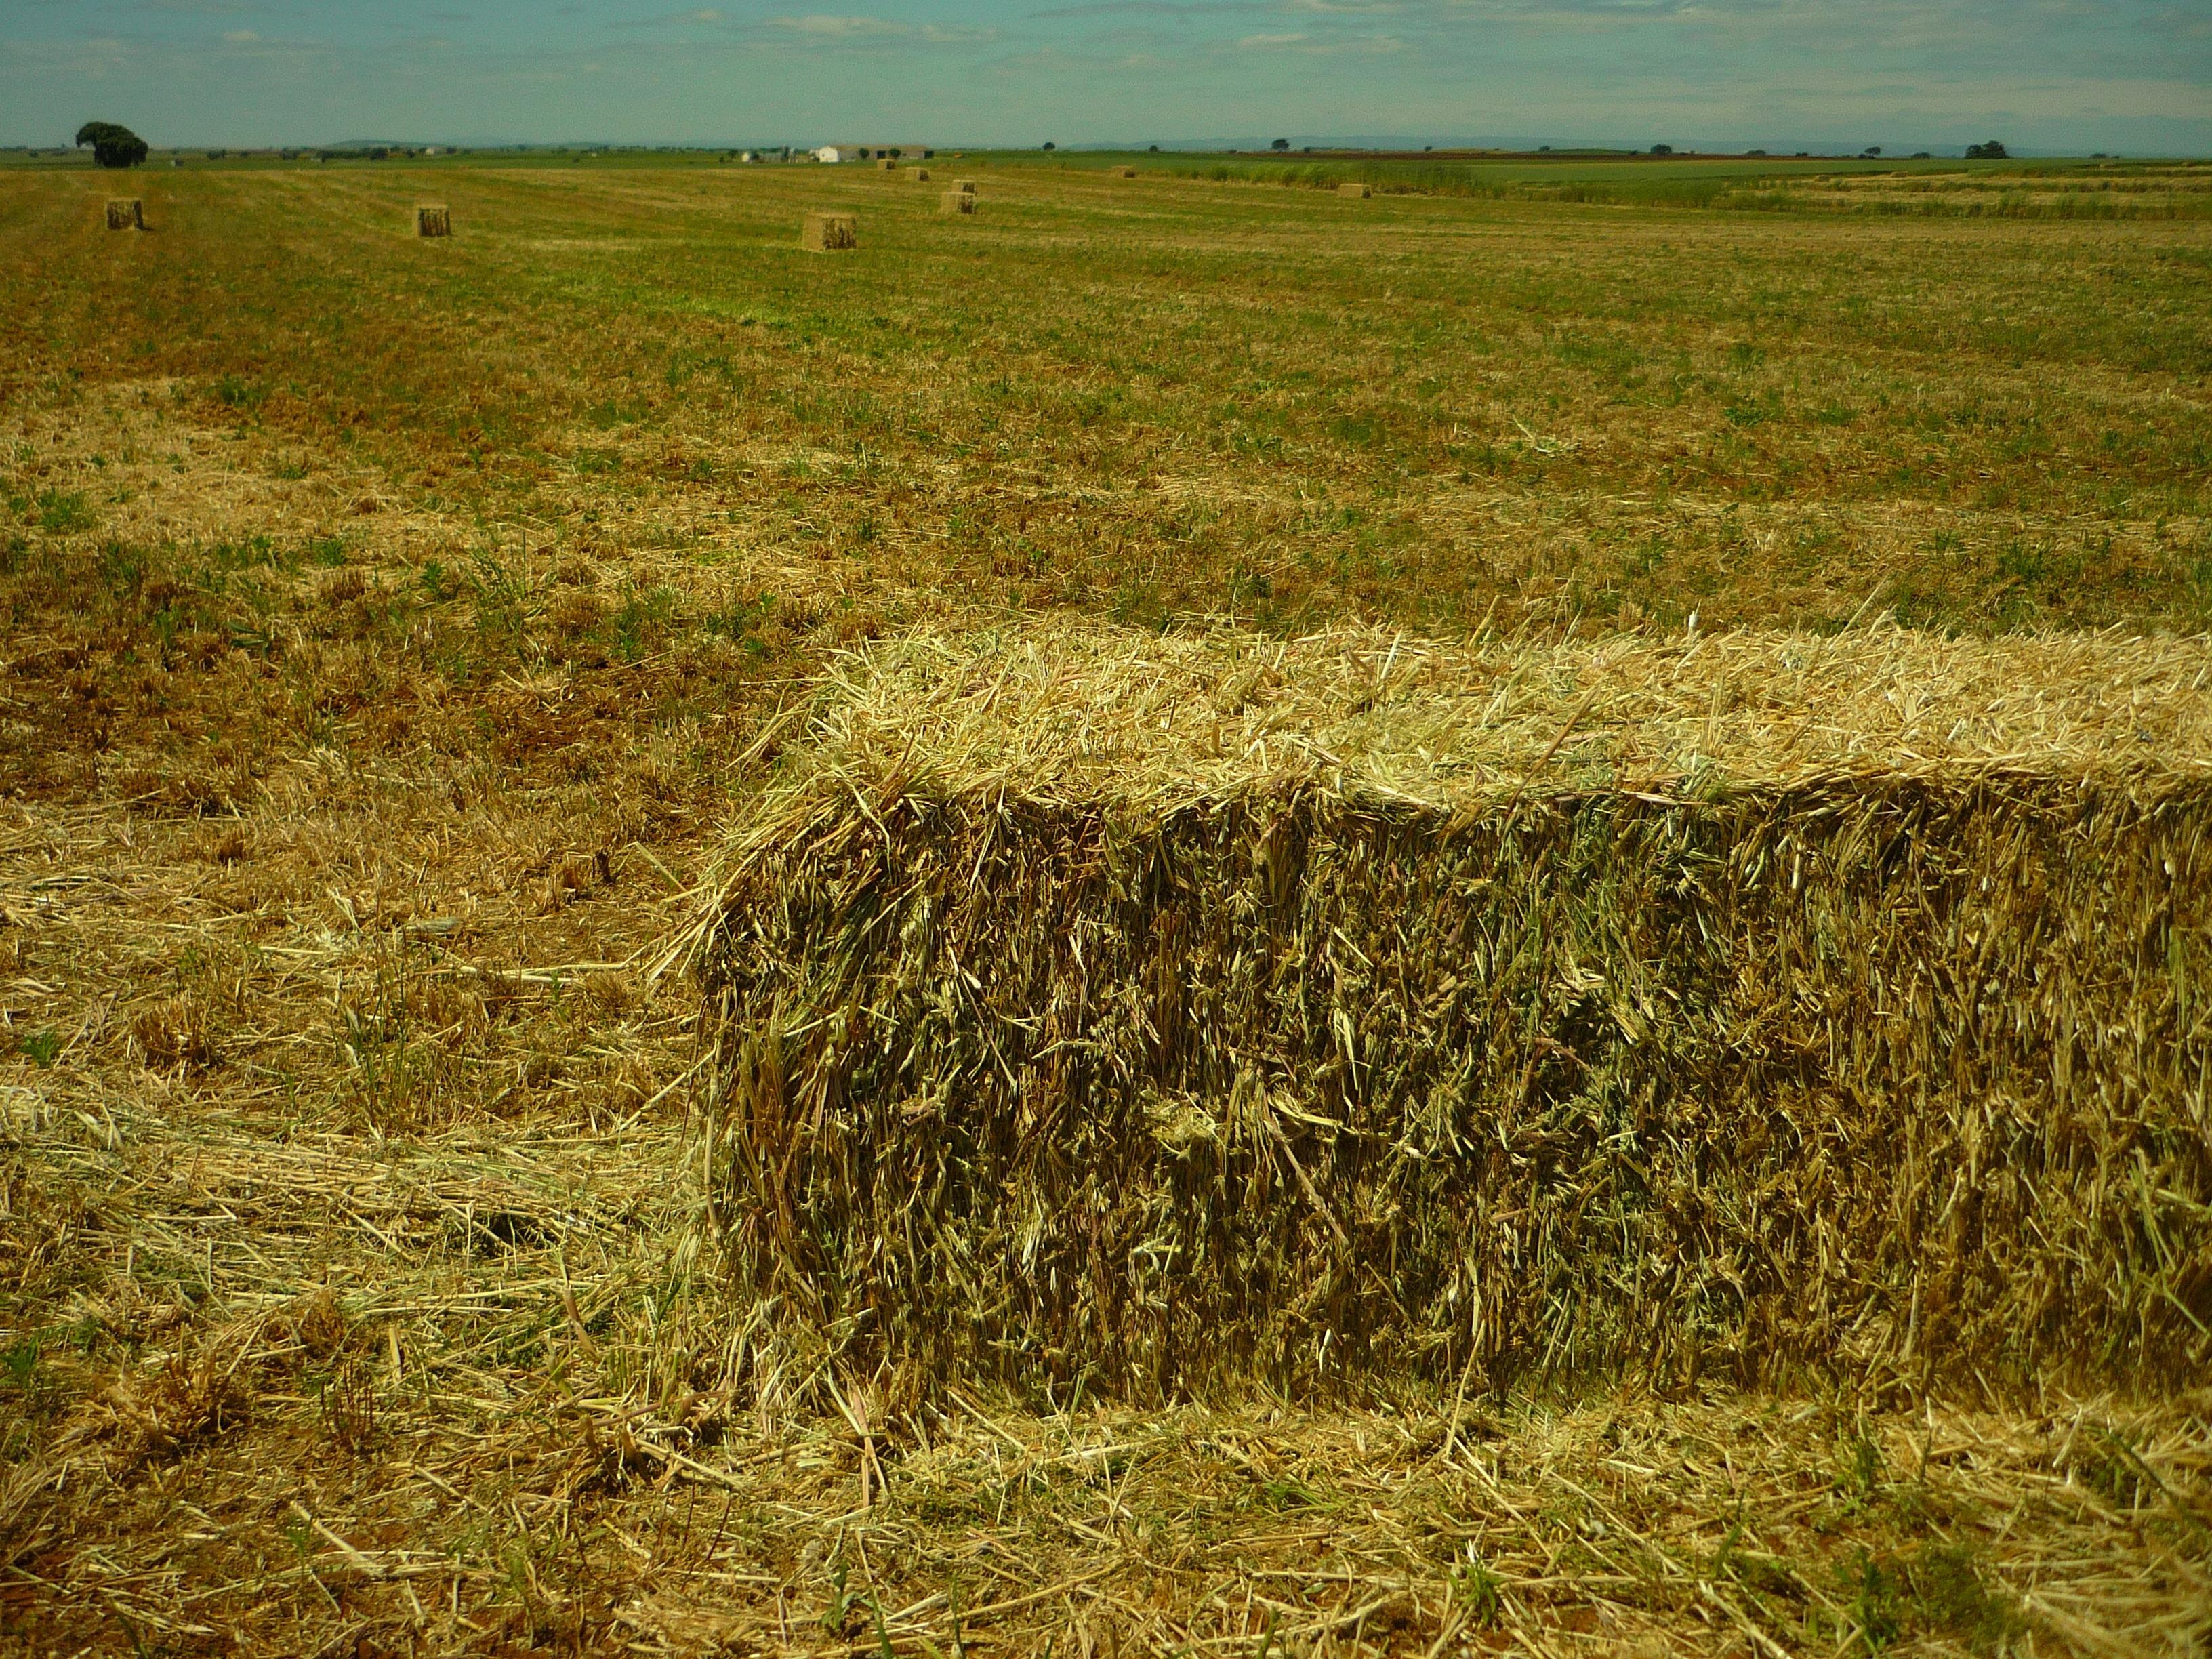 Fotos gratis : trabajo, césped, pantano, planta, heno, campo, granja ...